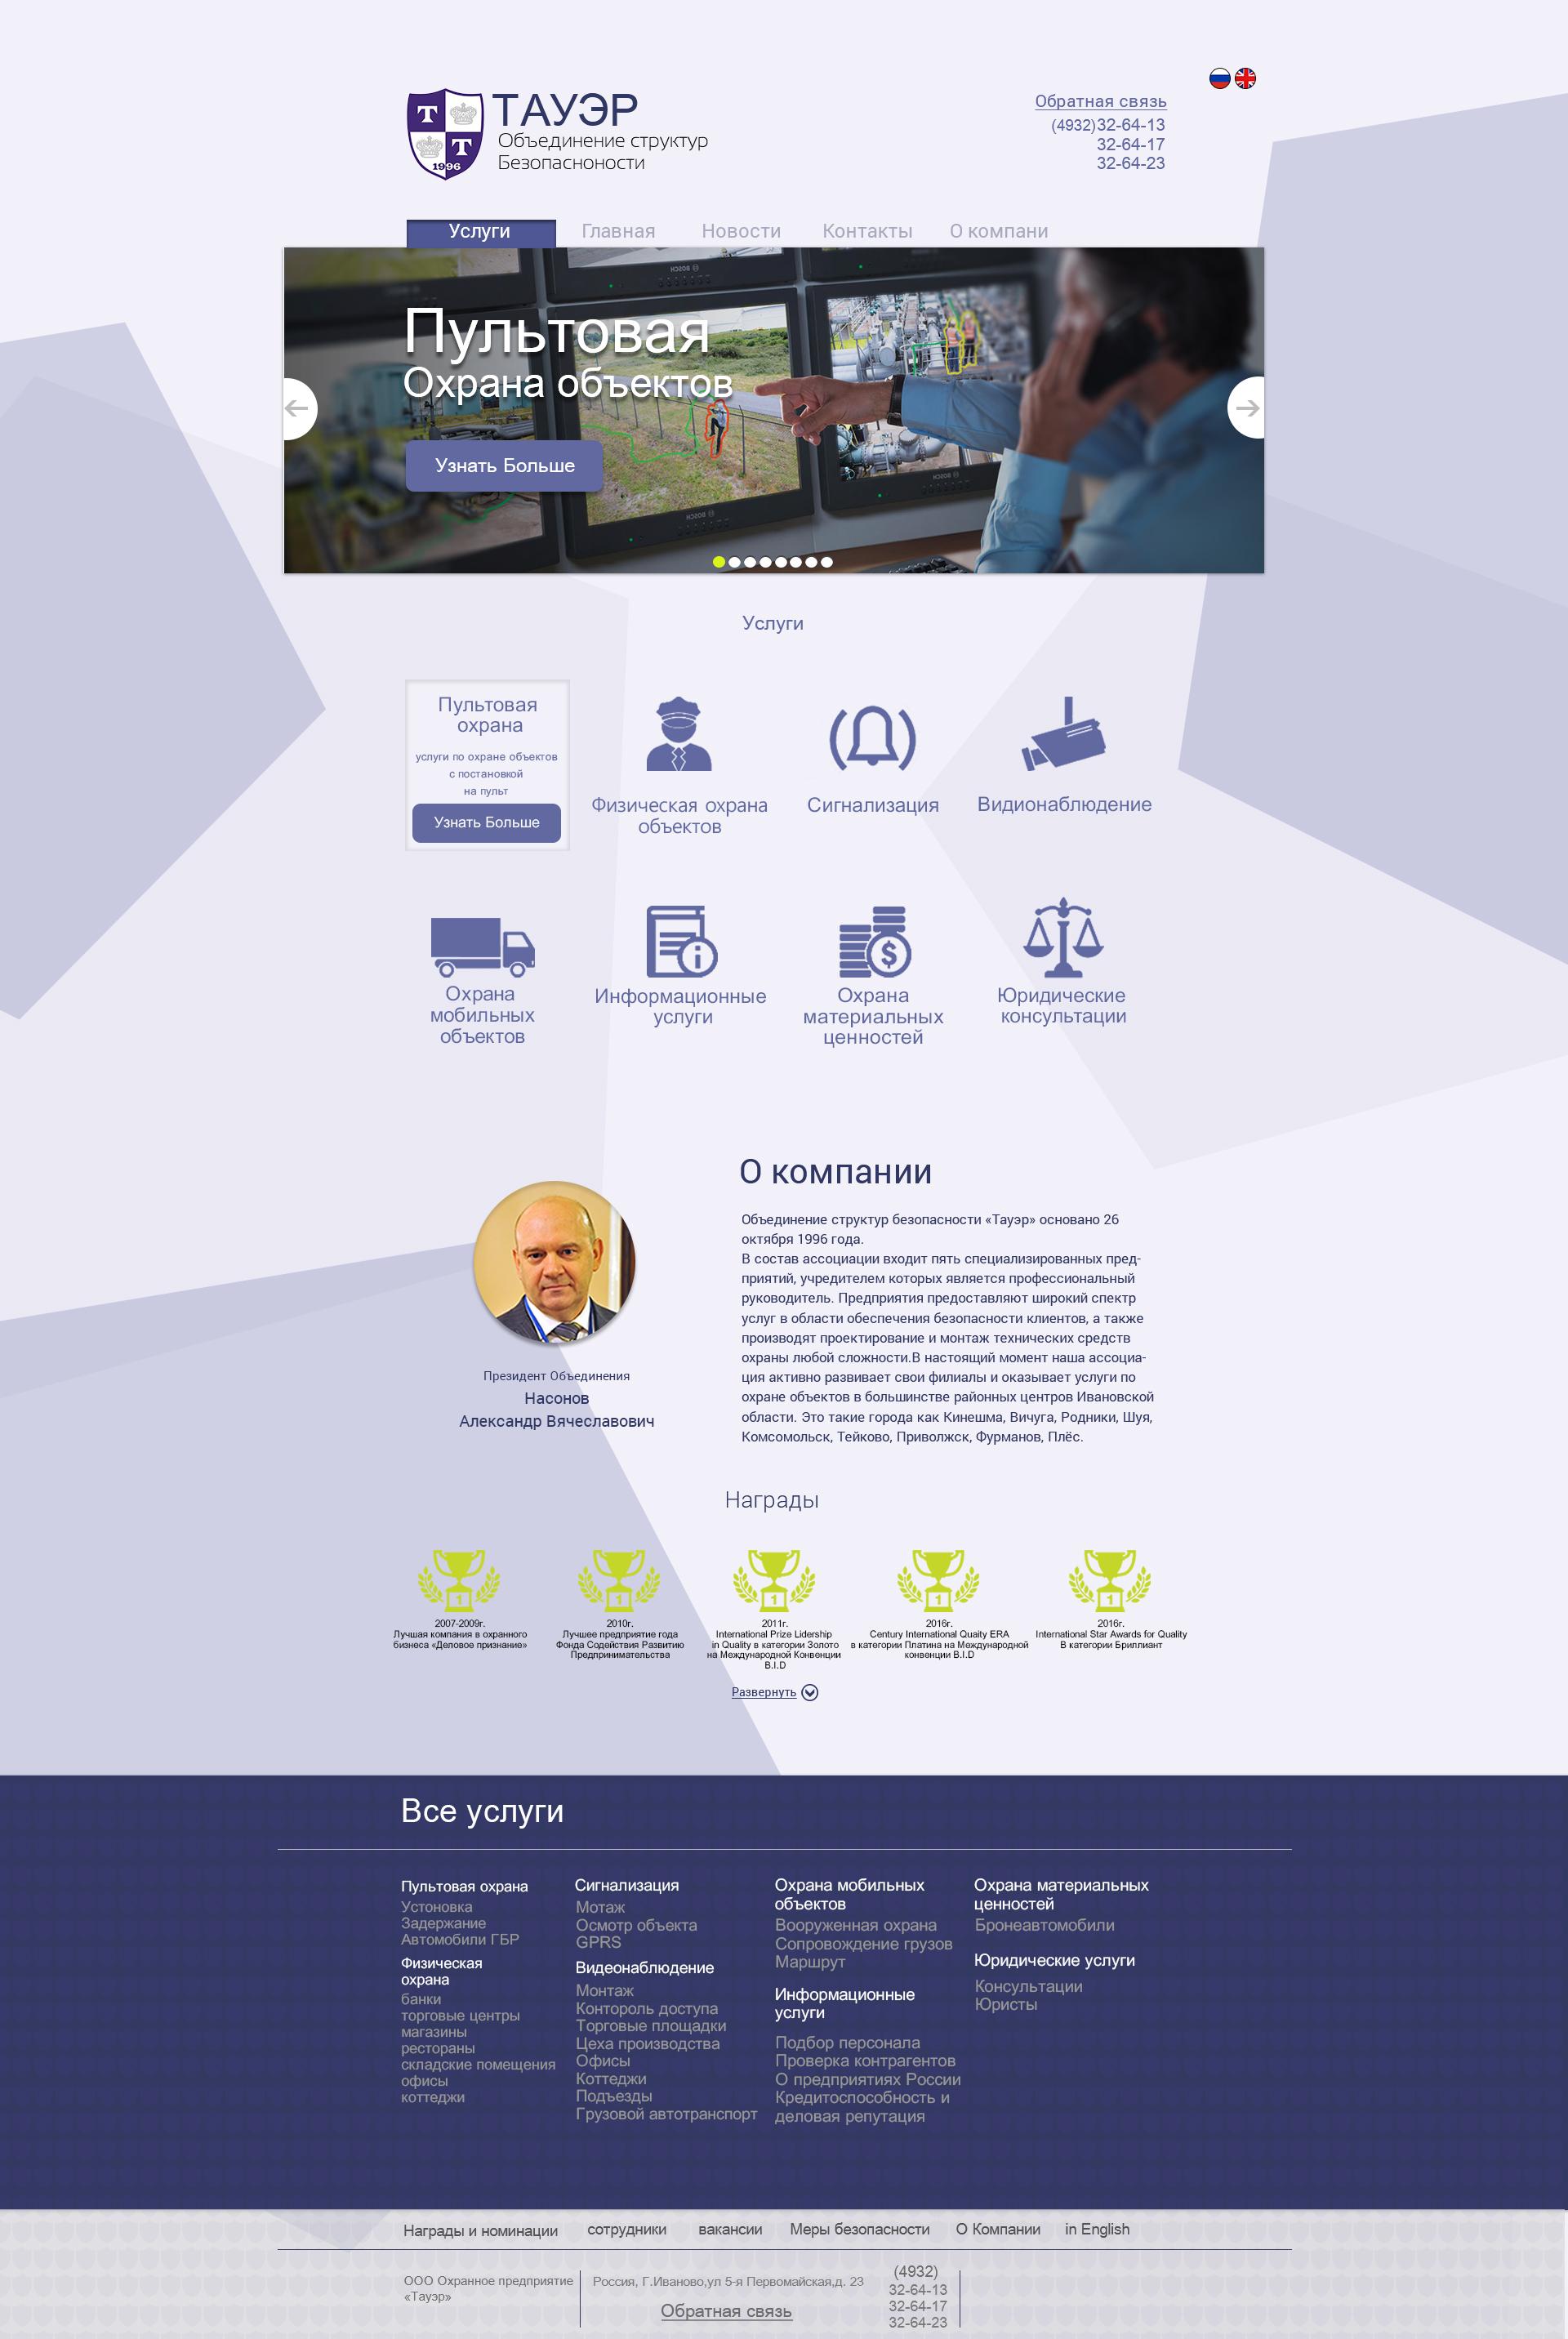 Редизайн существующего сайта компании (ЗАВЕРШЁН) фото f_29758f91d5721c7a.jpg